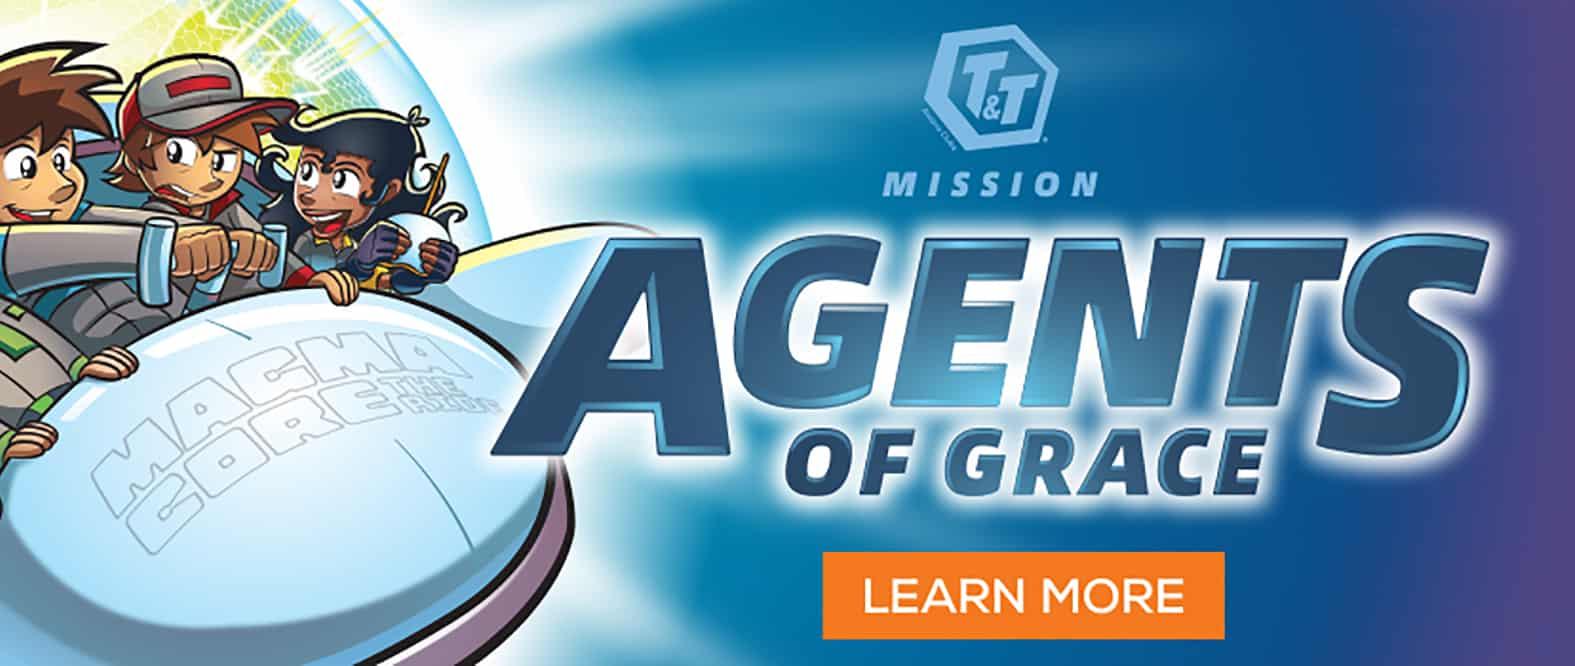 T&T Agent of Grace